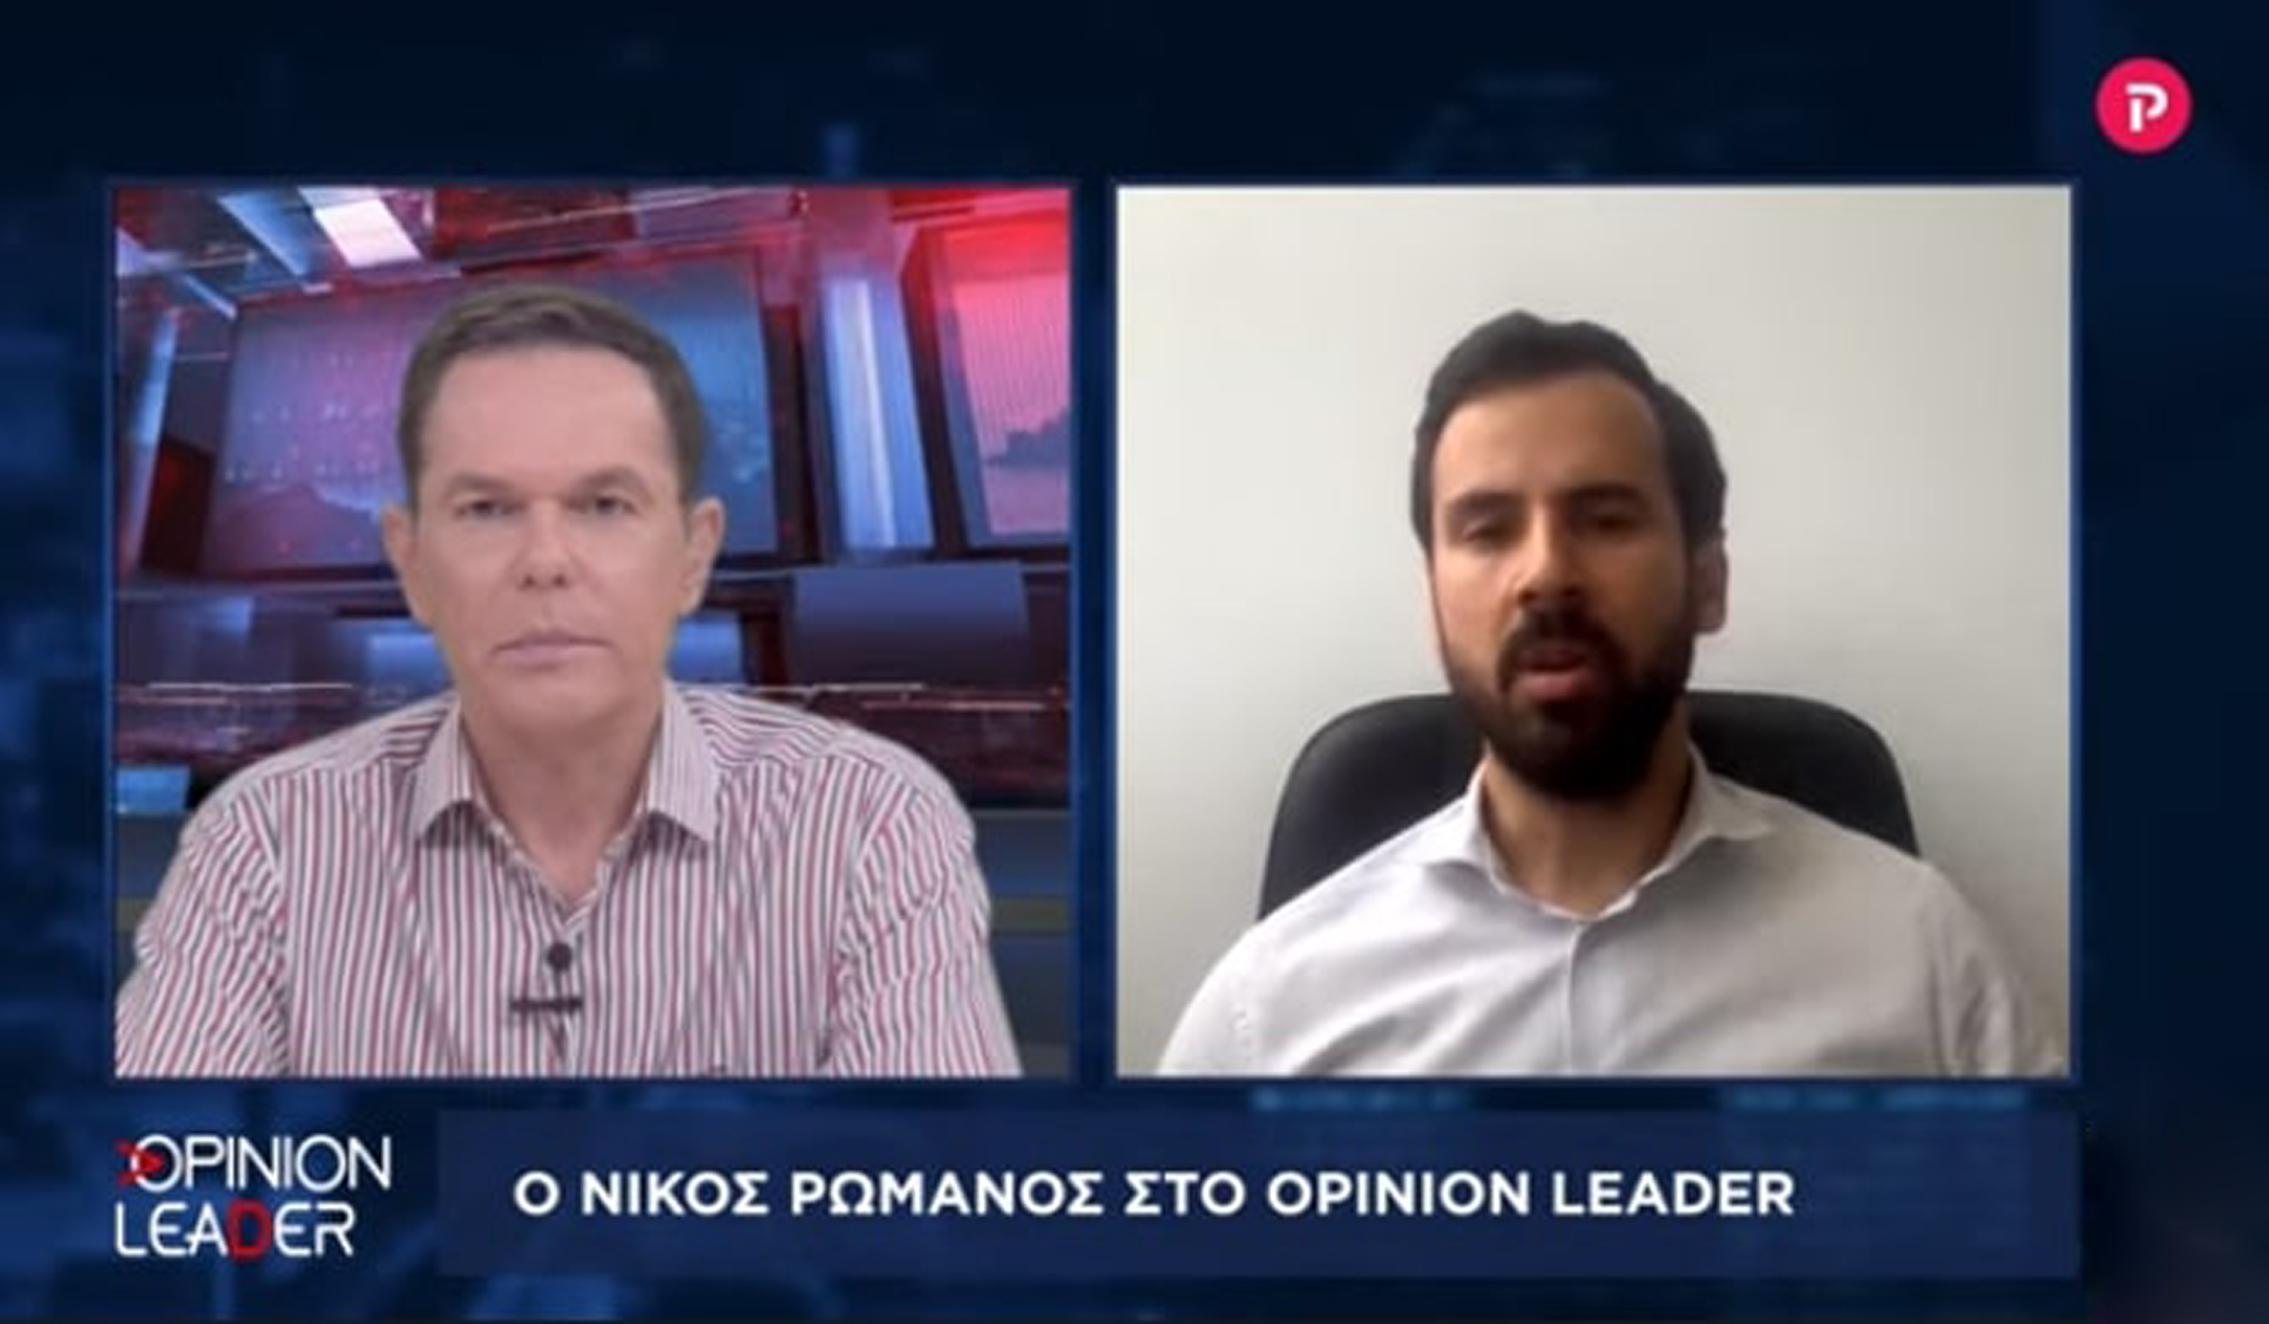 Νίκος Ρωμανός στο pagenews.gr: Με το εργασιακό νομοσχέδιο δίνουμε εξουσία και δύναμη στον εργαζόμενο